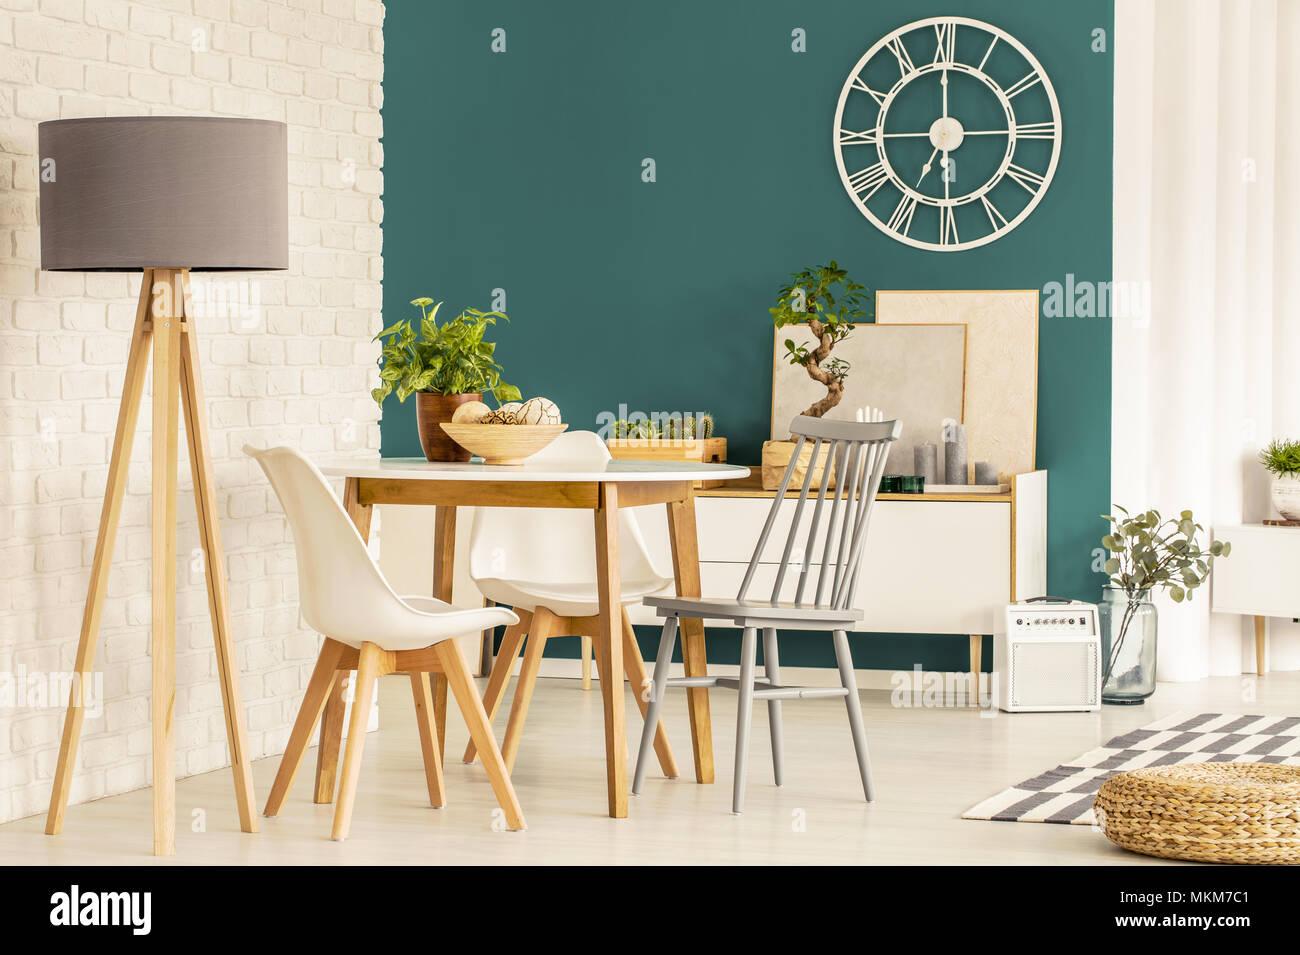 Grau Lampe Neben Stuhlen An Den Holzernen Tisch In Grun Esszimmer Interieur Mit Gold Rund Um Die Uhr Stockfotografie Alamy